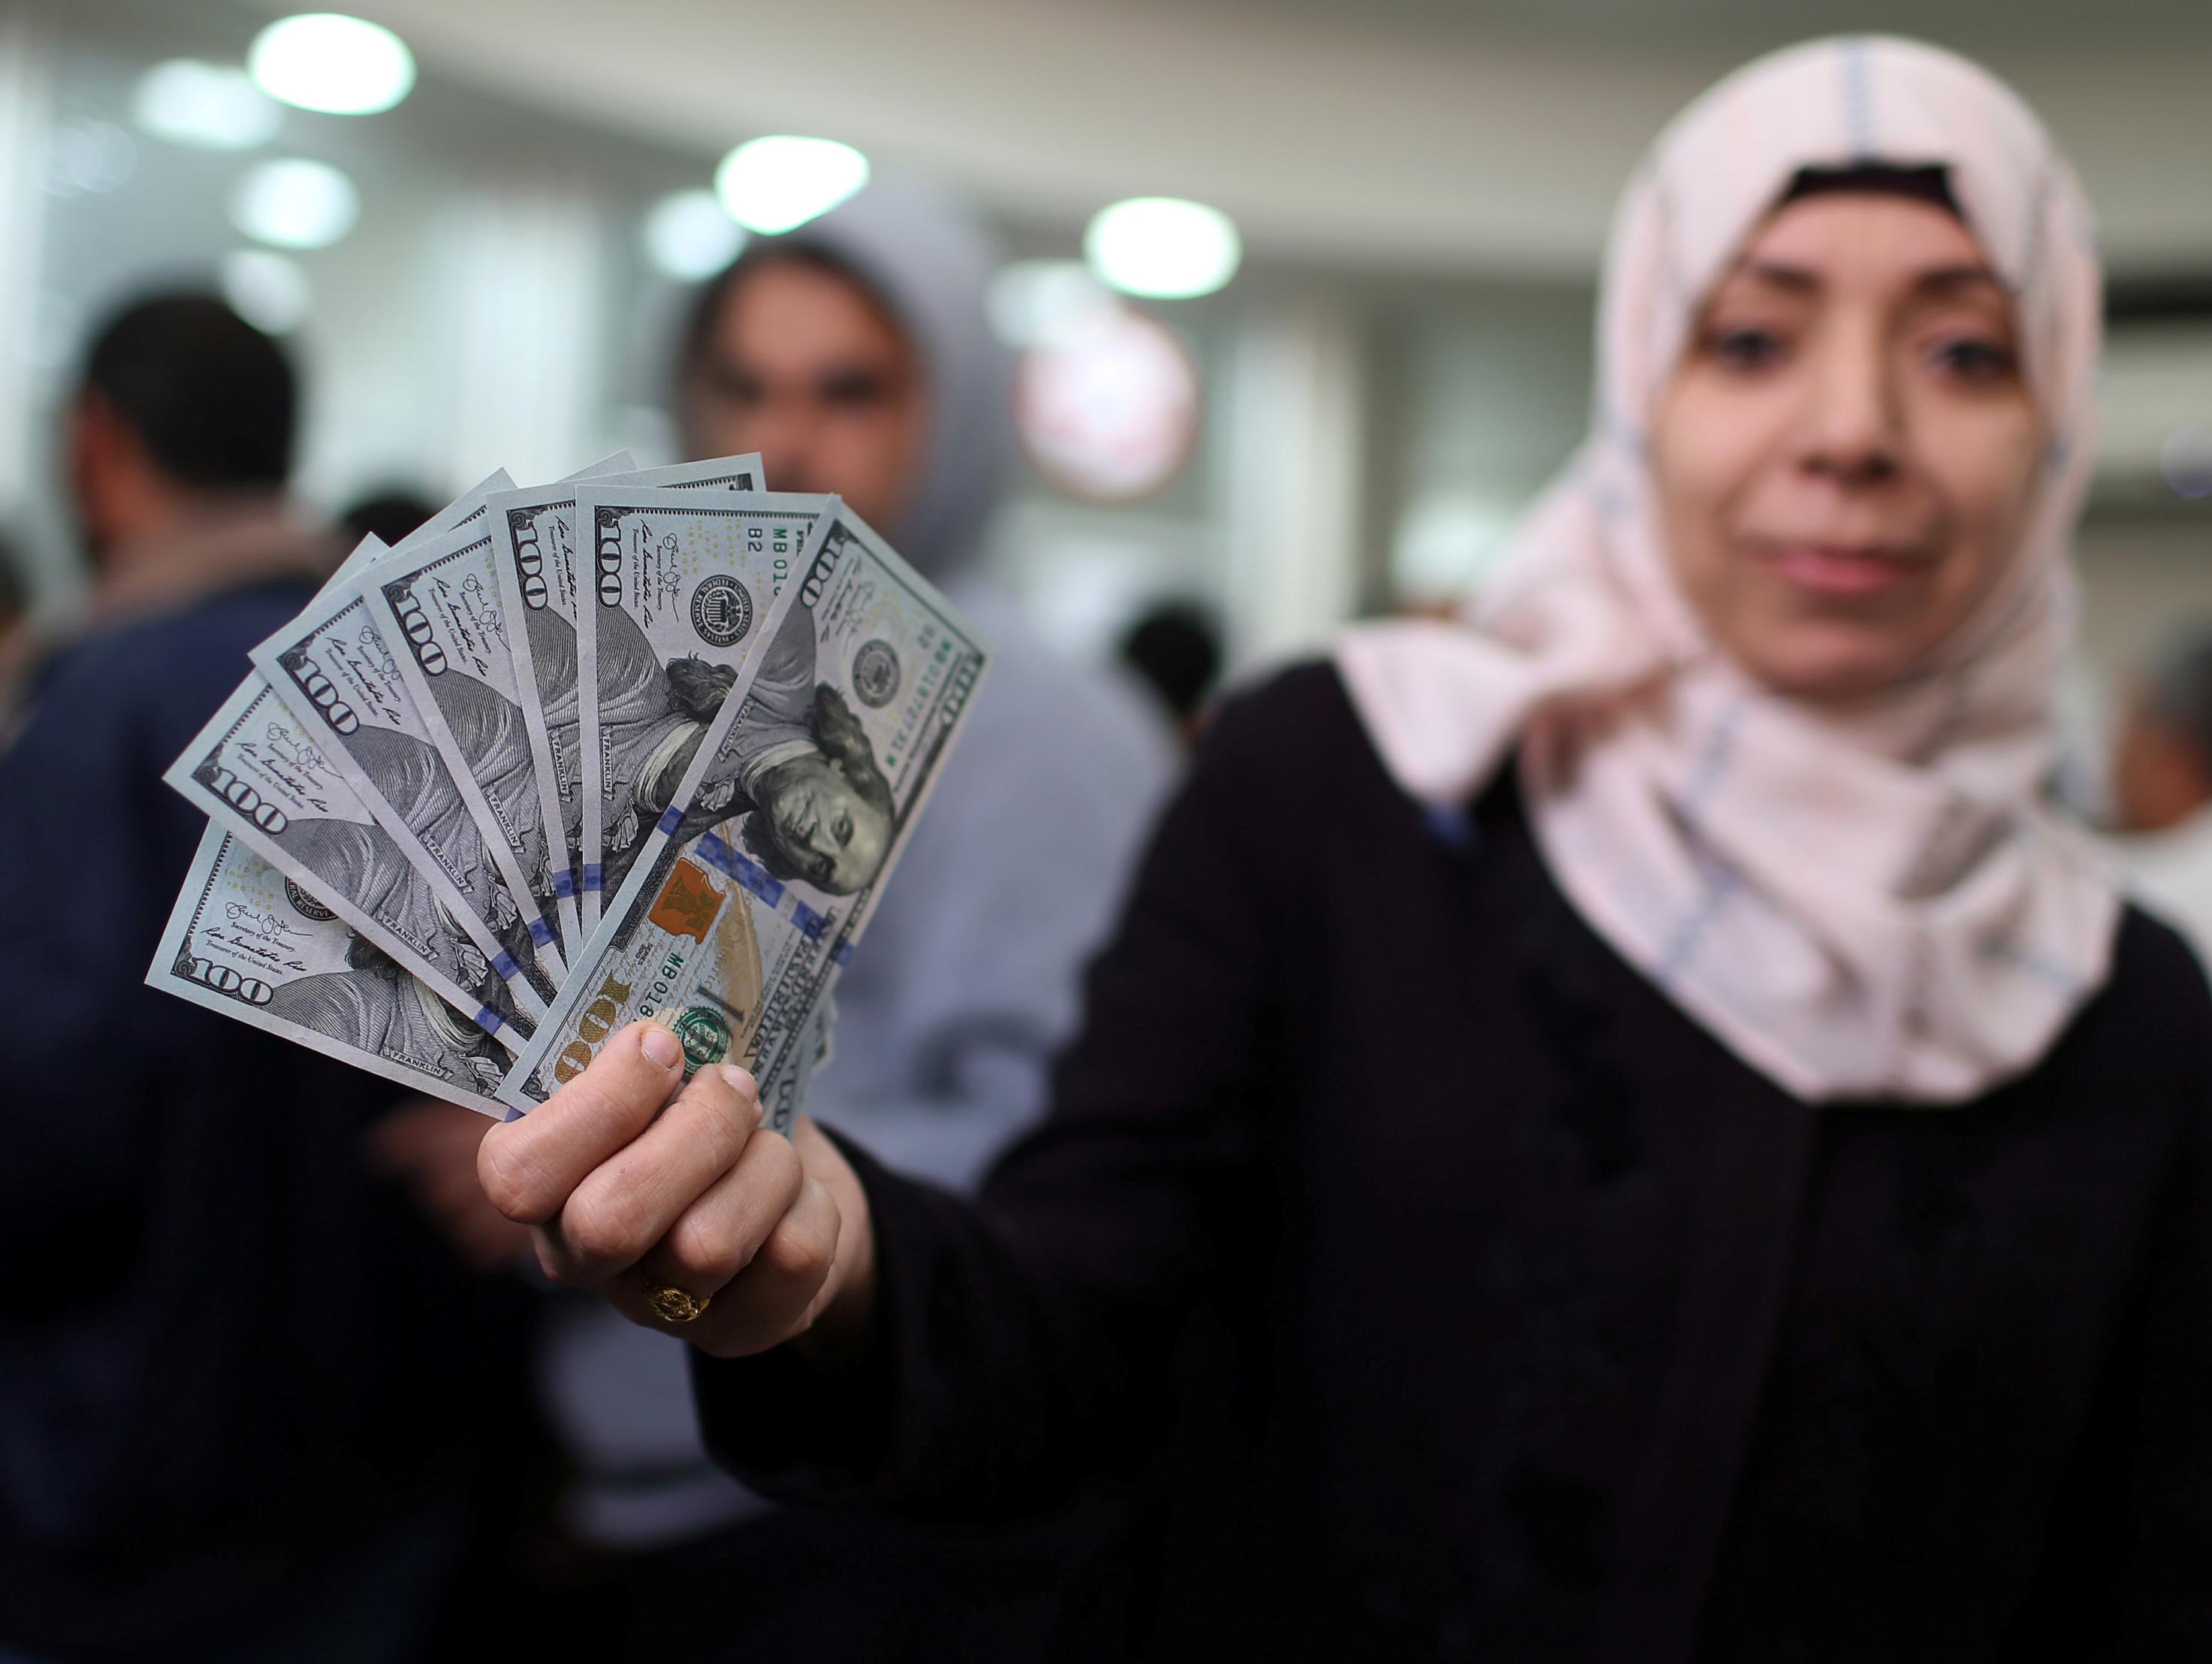 הדרישה הקטארית והציוץ של השגריר: מאחורי הקלעים של העברת הכסף לחמאס